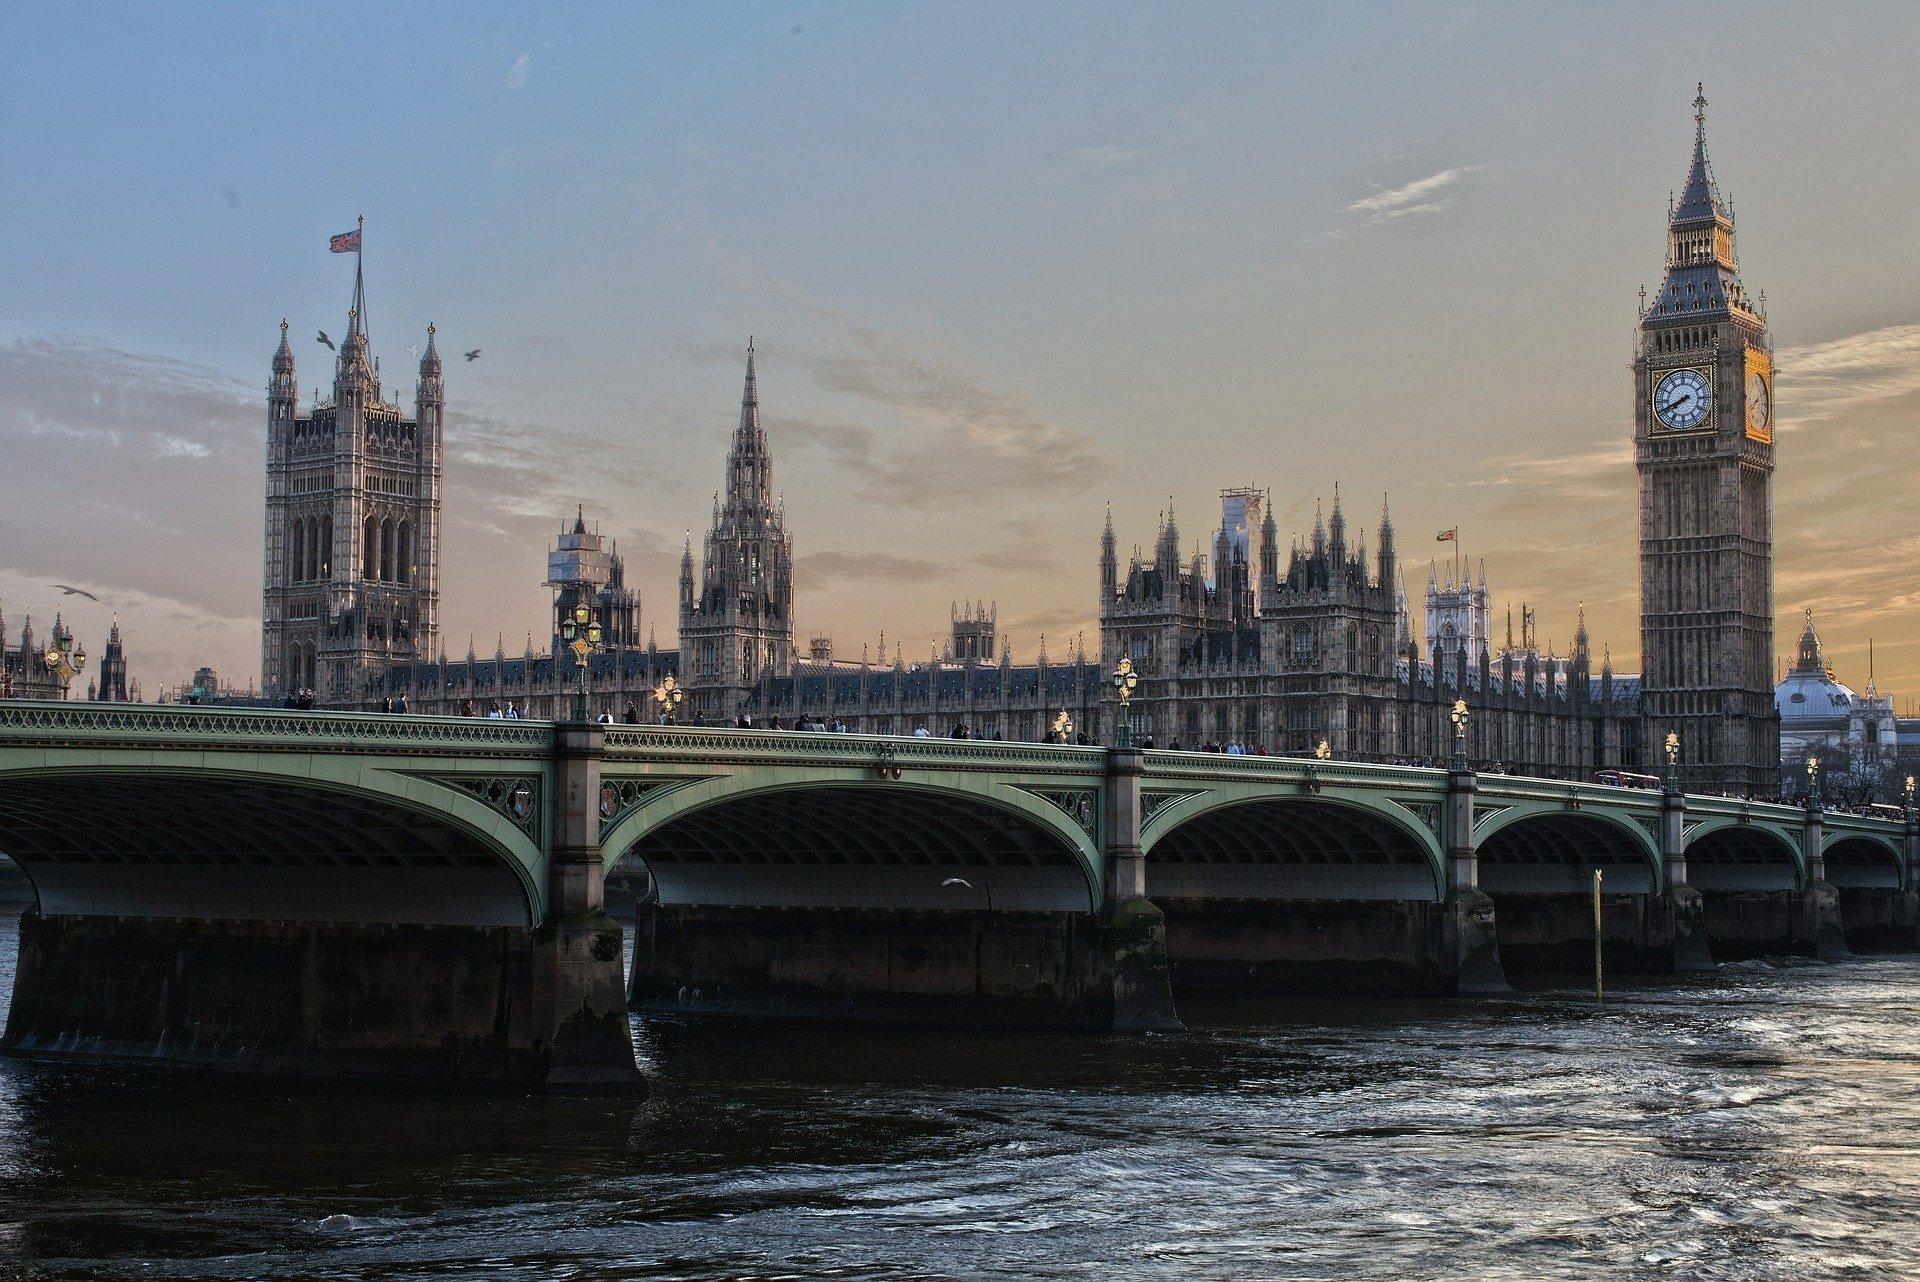 Власти Лондона объявили чрезвычайную ситуацию